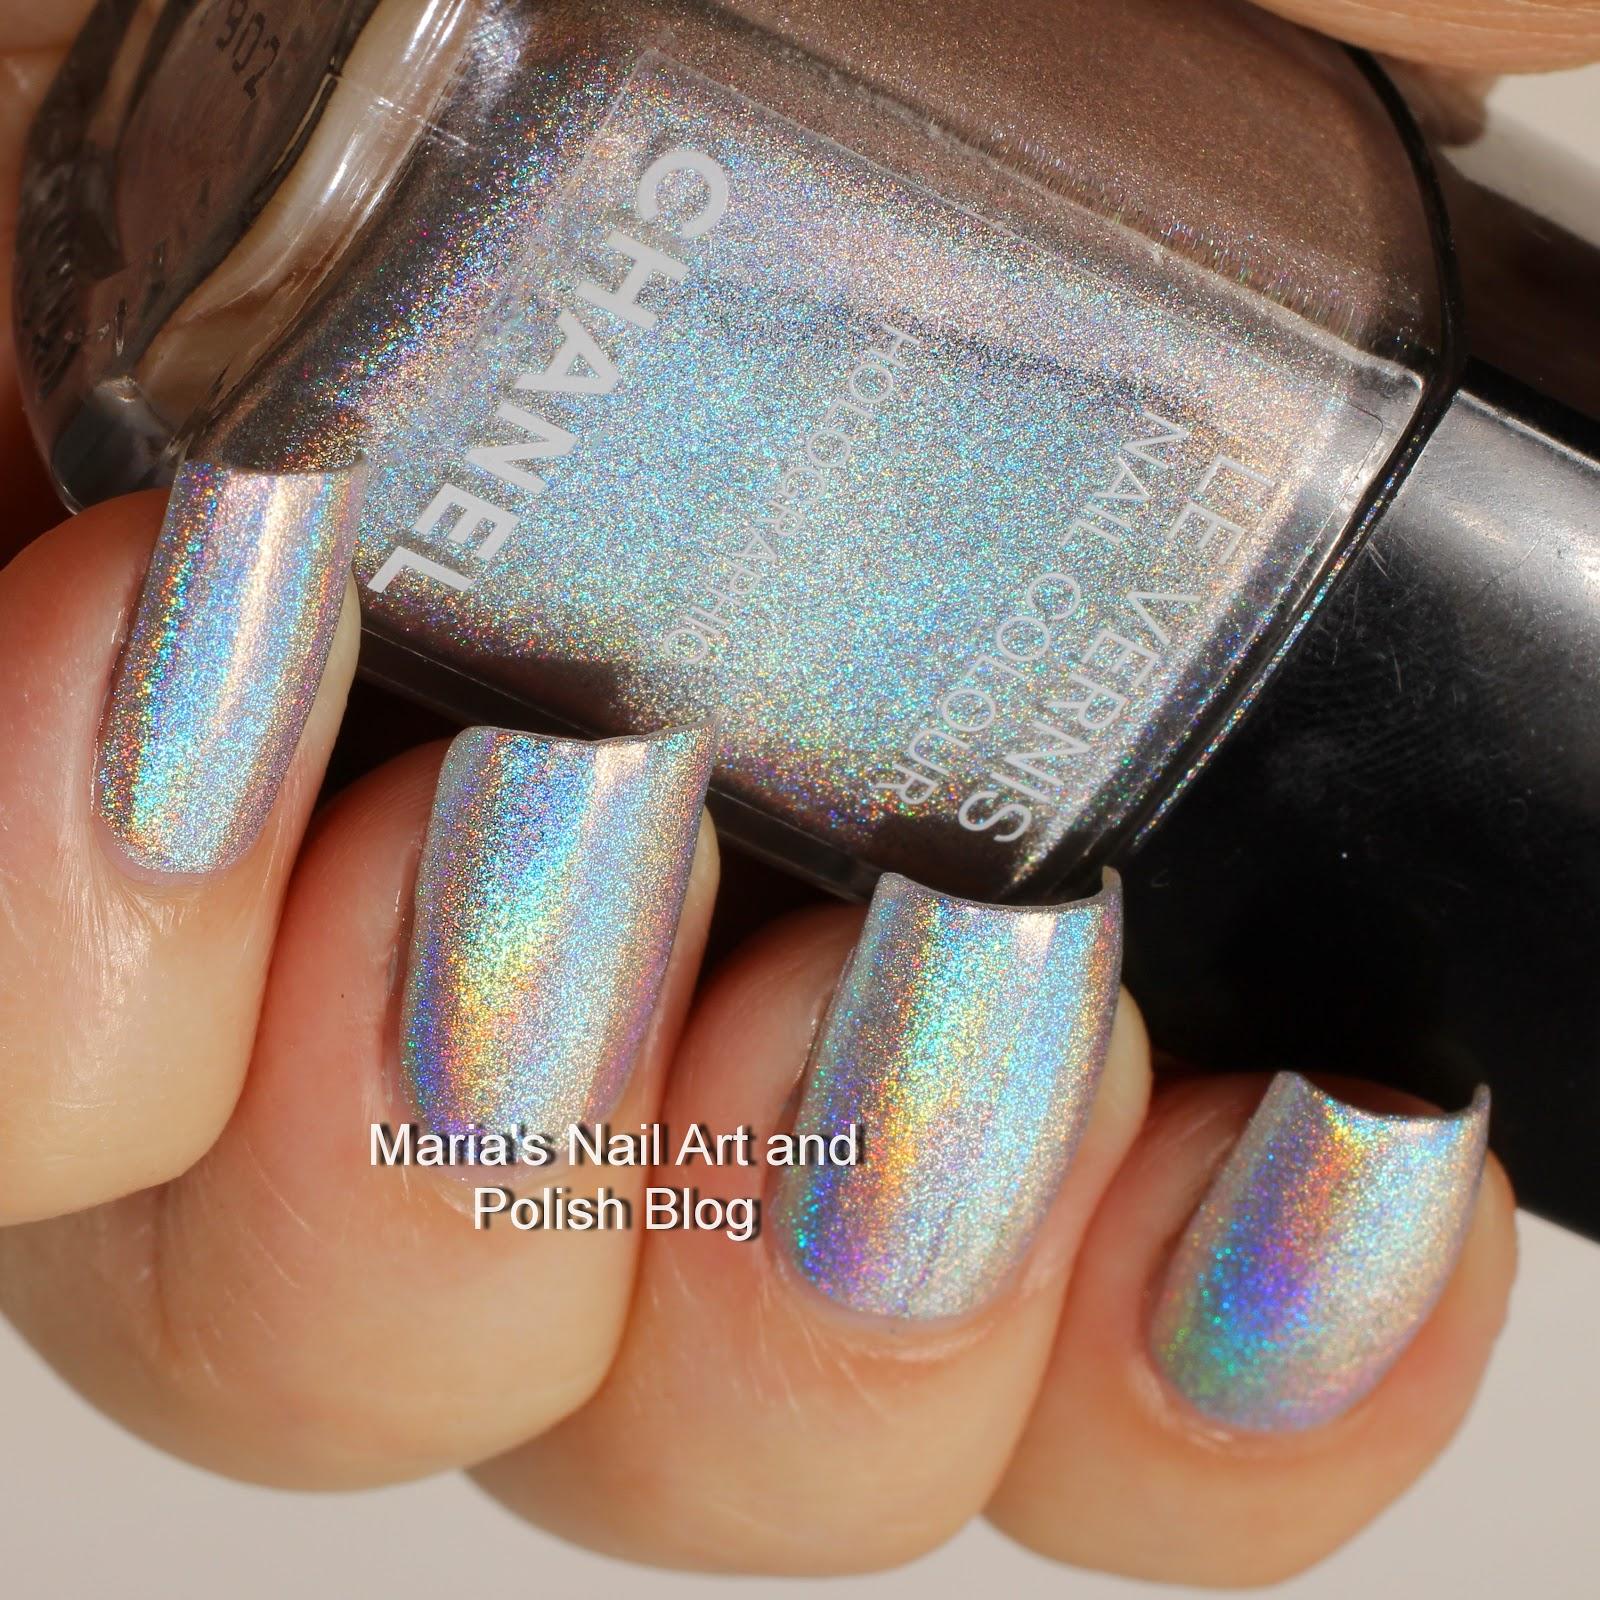 Chanel Holographic Nail Polish: Marias Nail Art And Polish Blog: Chanel Holographic